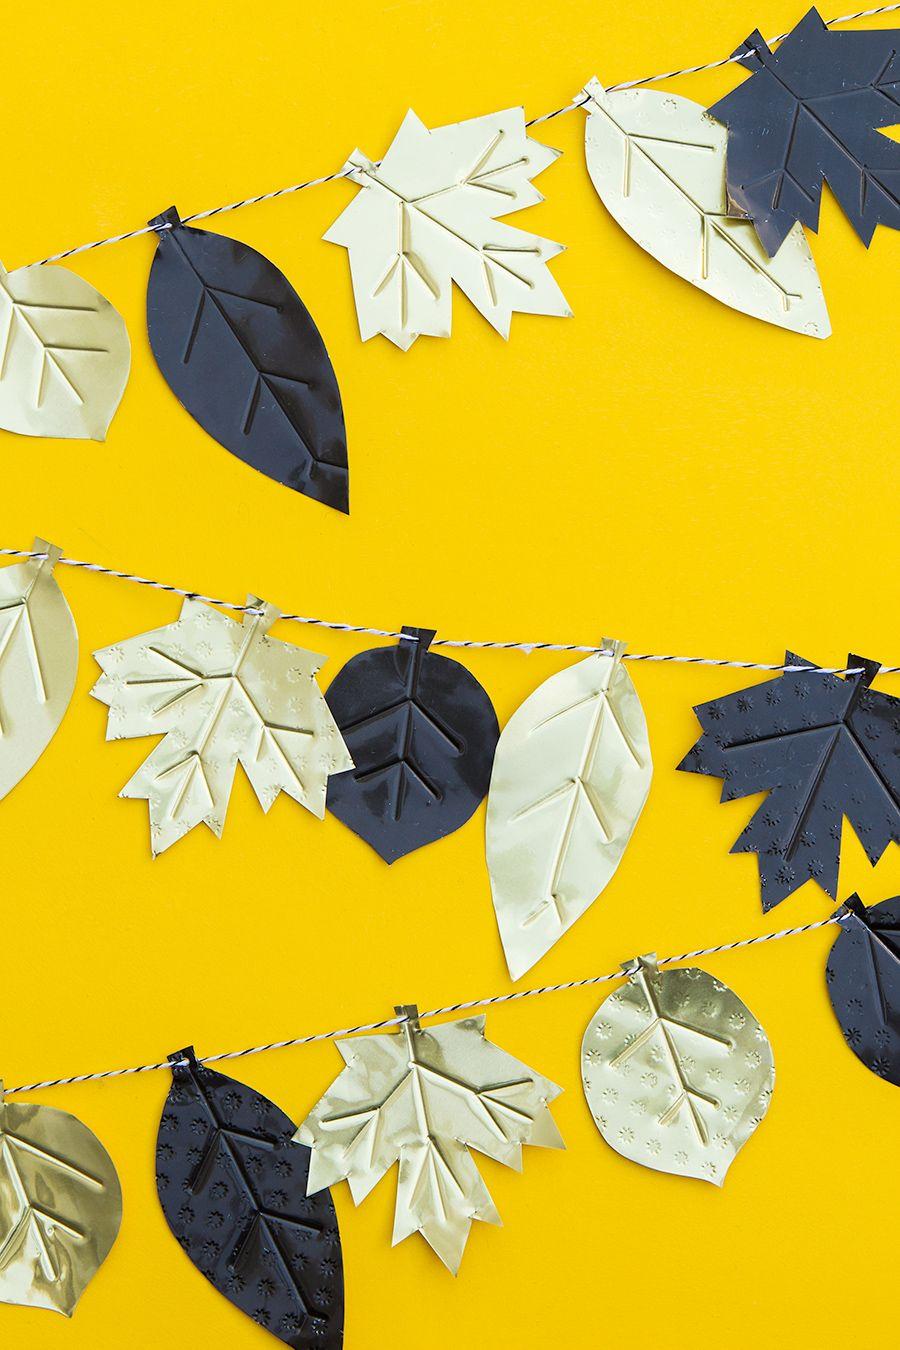 DIY Metal Fall Leaf Garland | Caída de las hojas, La hoja y El otoño